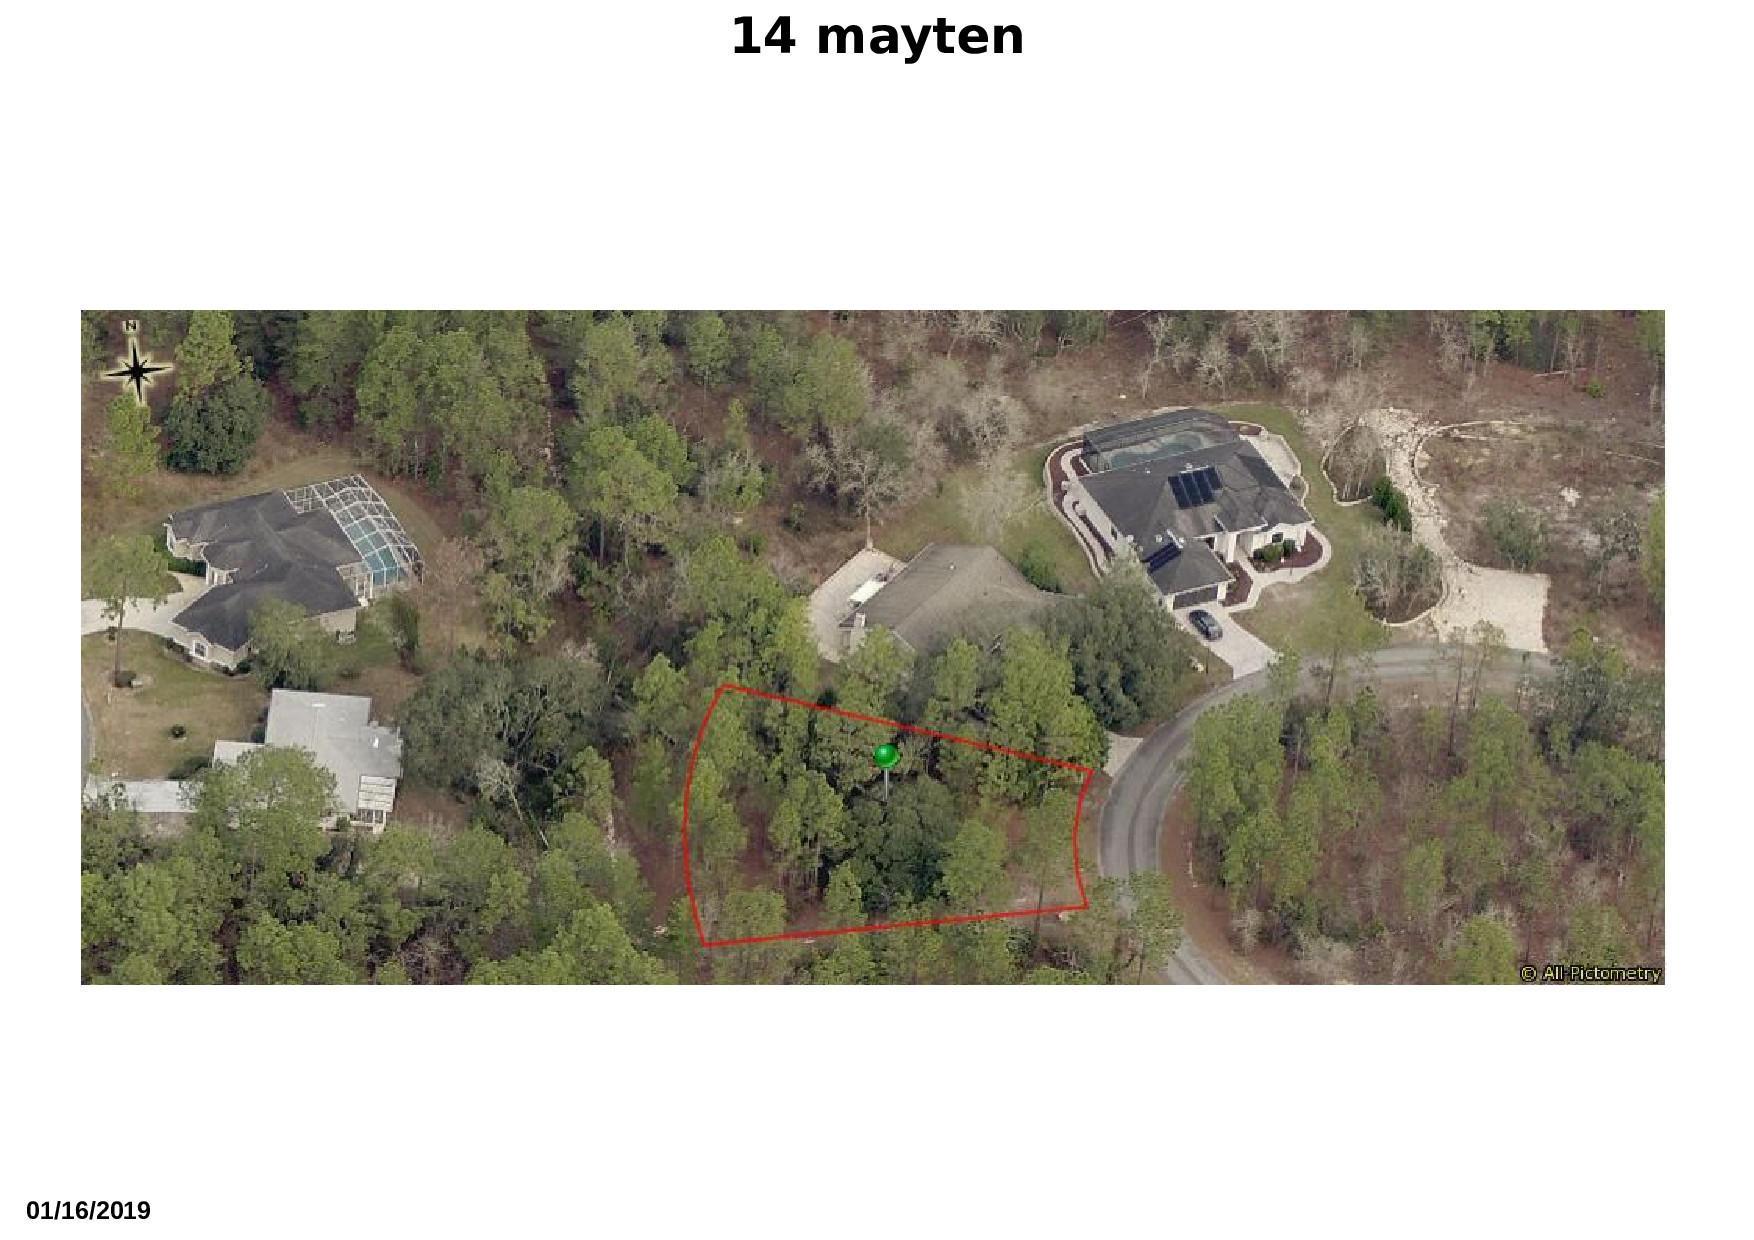 14 mayten 1